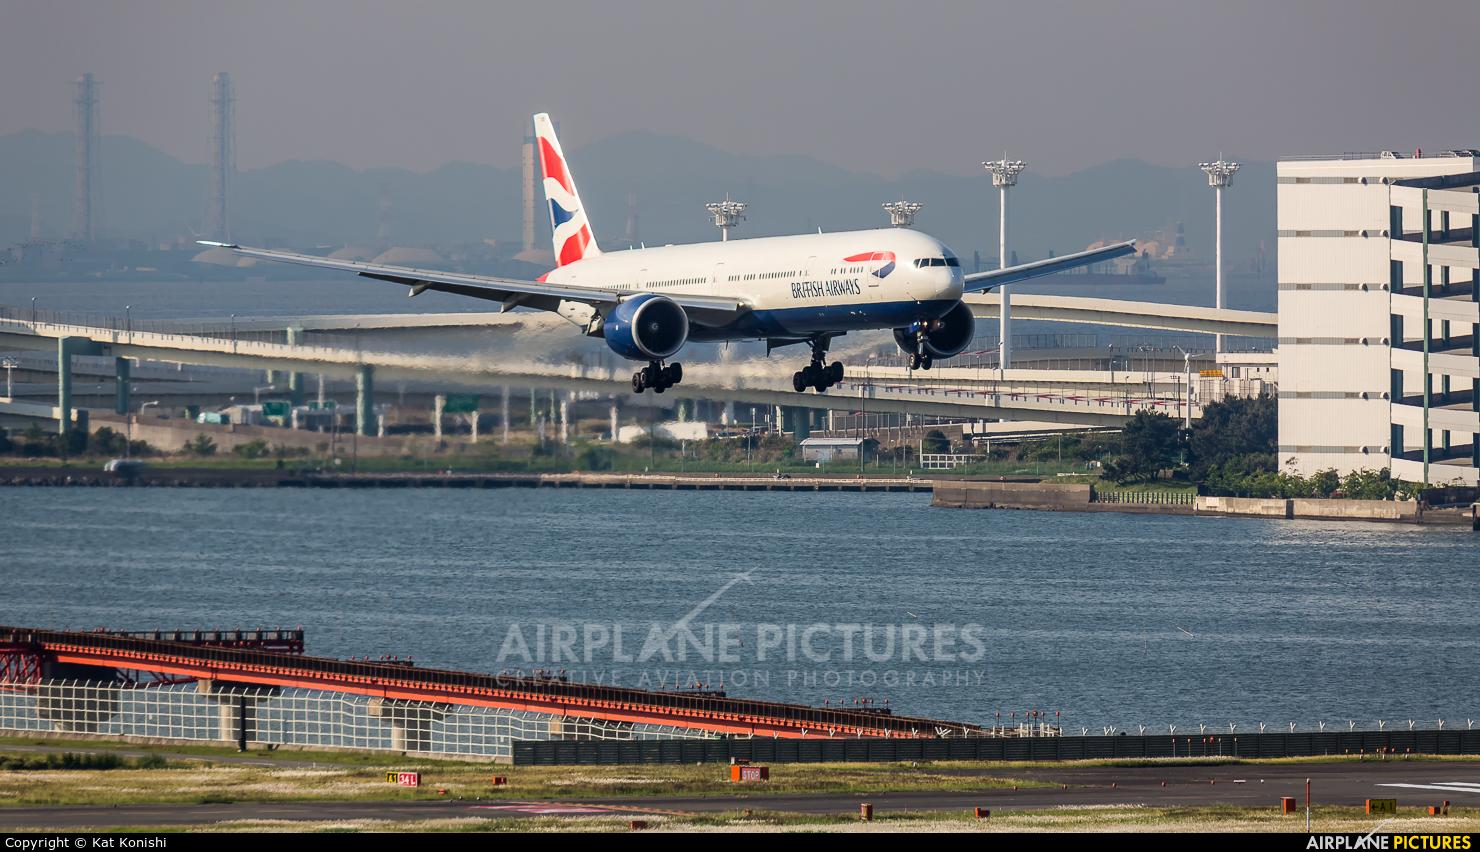 British Airways G-STBB aircraft at Tokyo - Haneda Intl